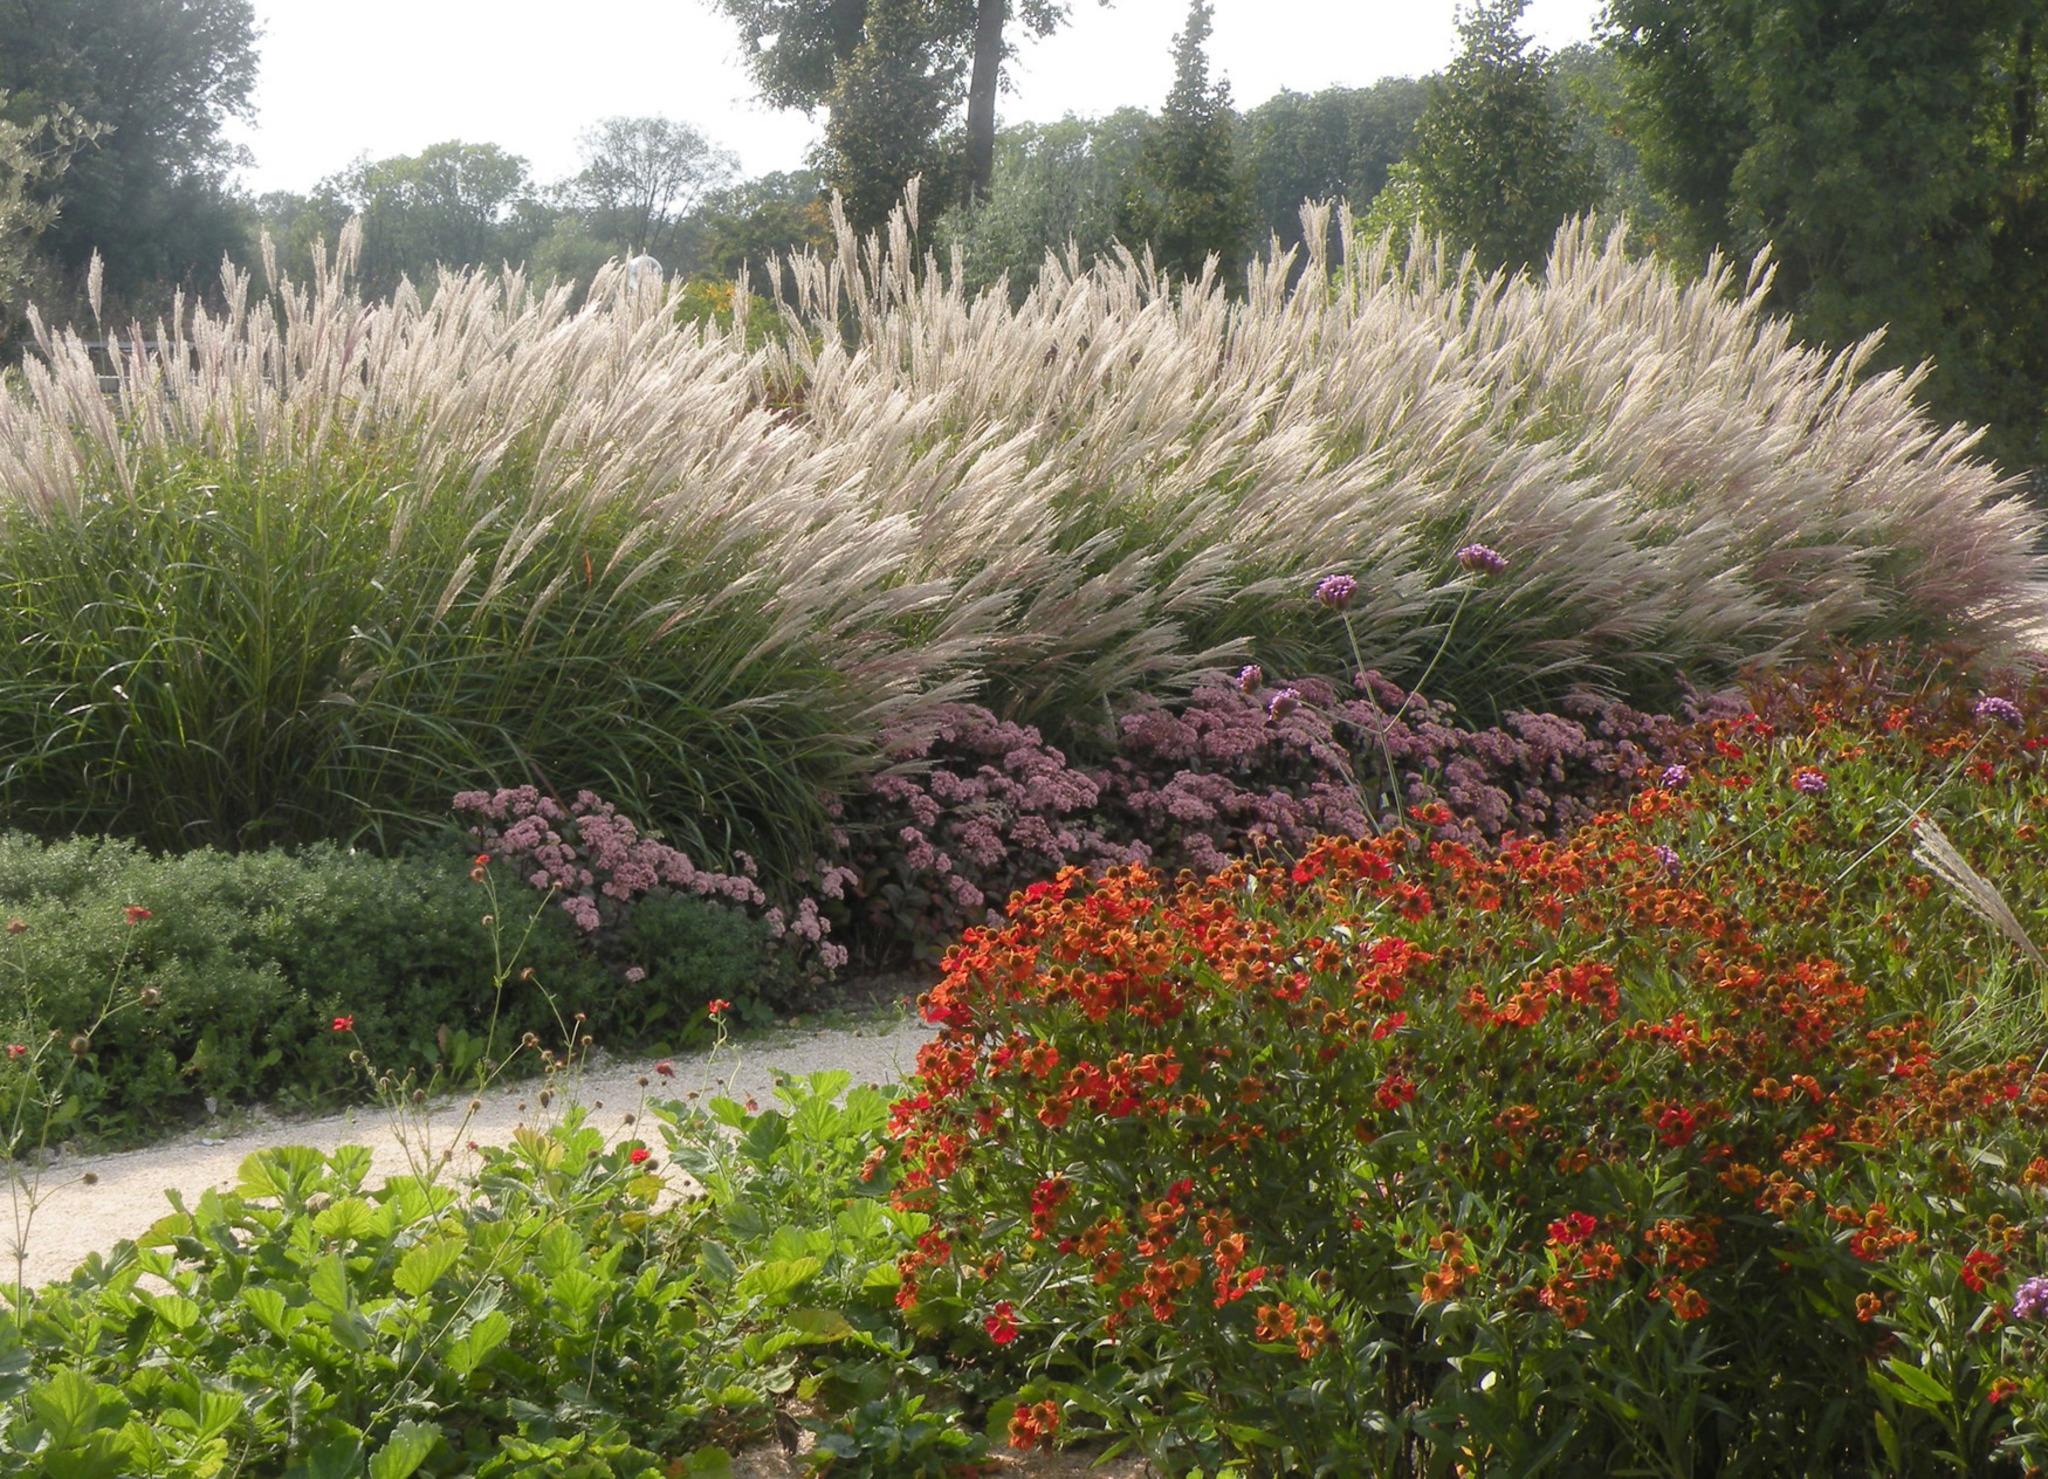 Natur im garten jetzt stauden pflanzen tulln for Stauden pflanzen